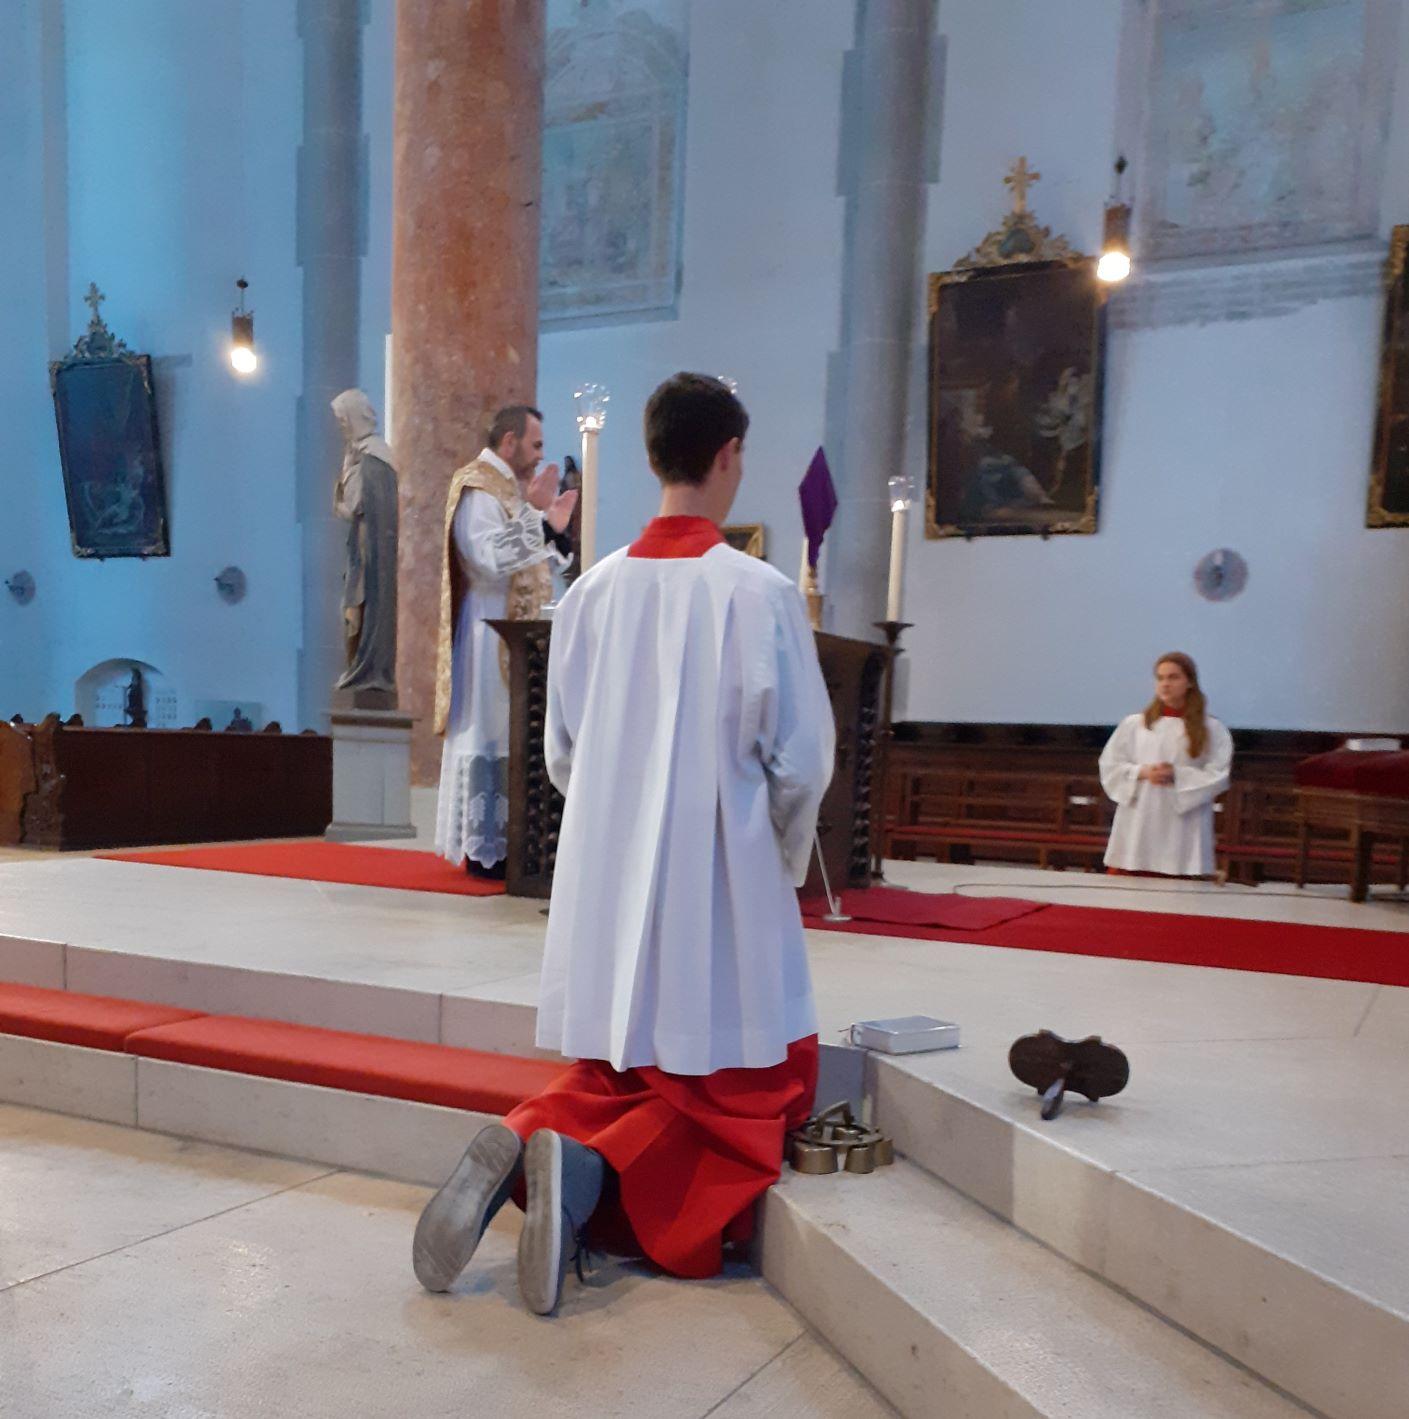 Gründonnerstag - Liturgie vom Letzten Abendmahl, Hl. Messe am Hauptaltar gen Osten